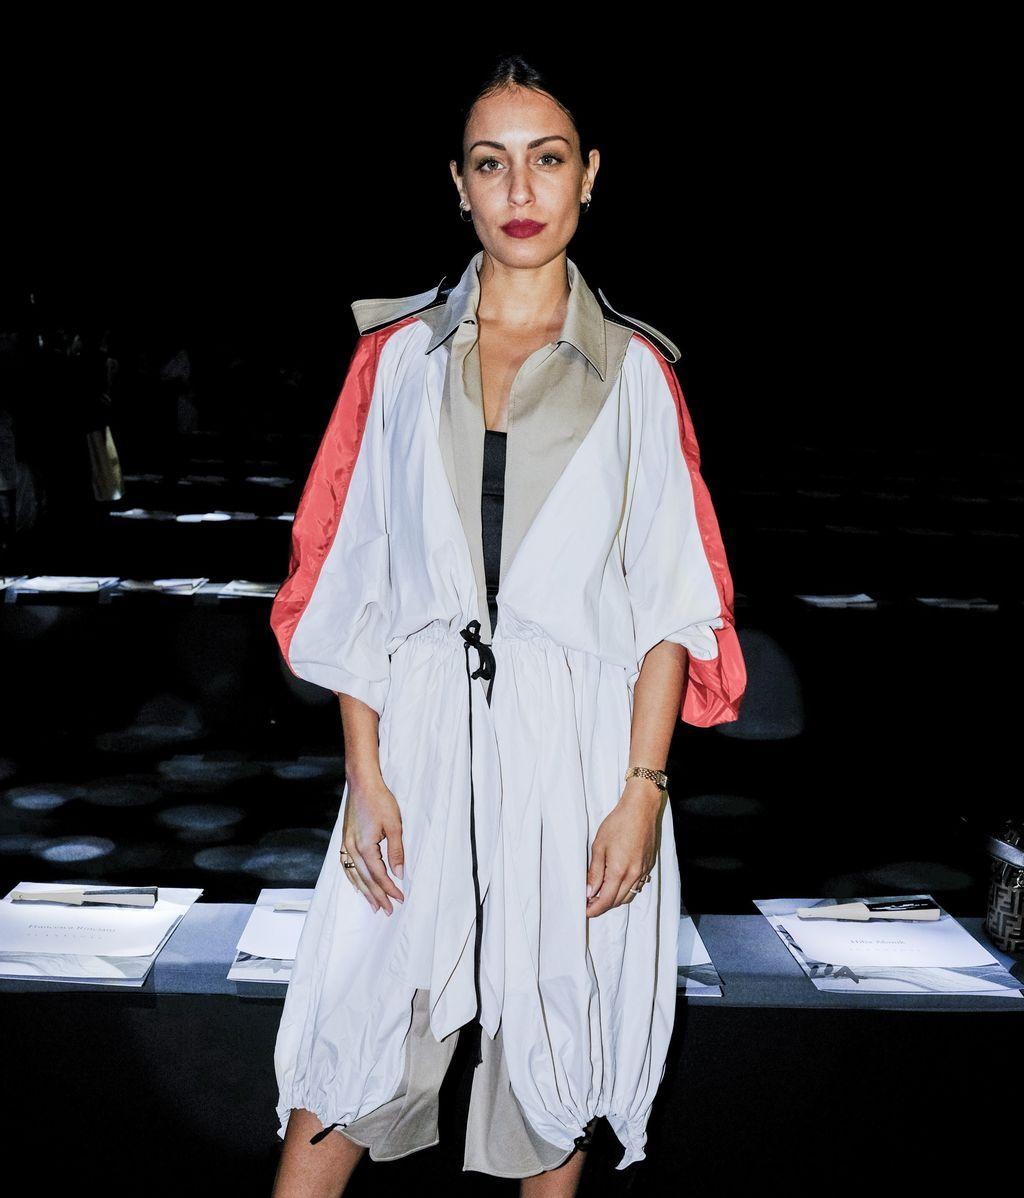 Isa Pantoja, Hiba Abouk y más famosos en el frontrow de la Fashion Week Madrid